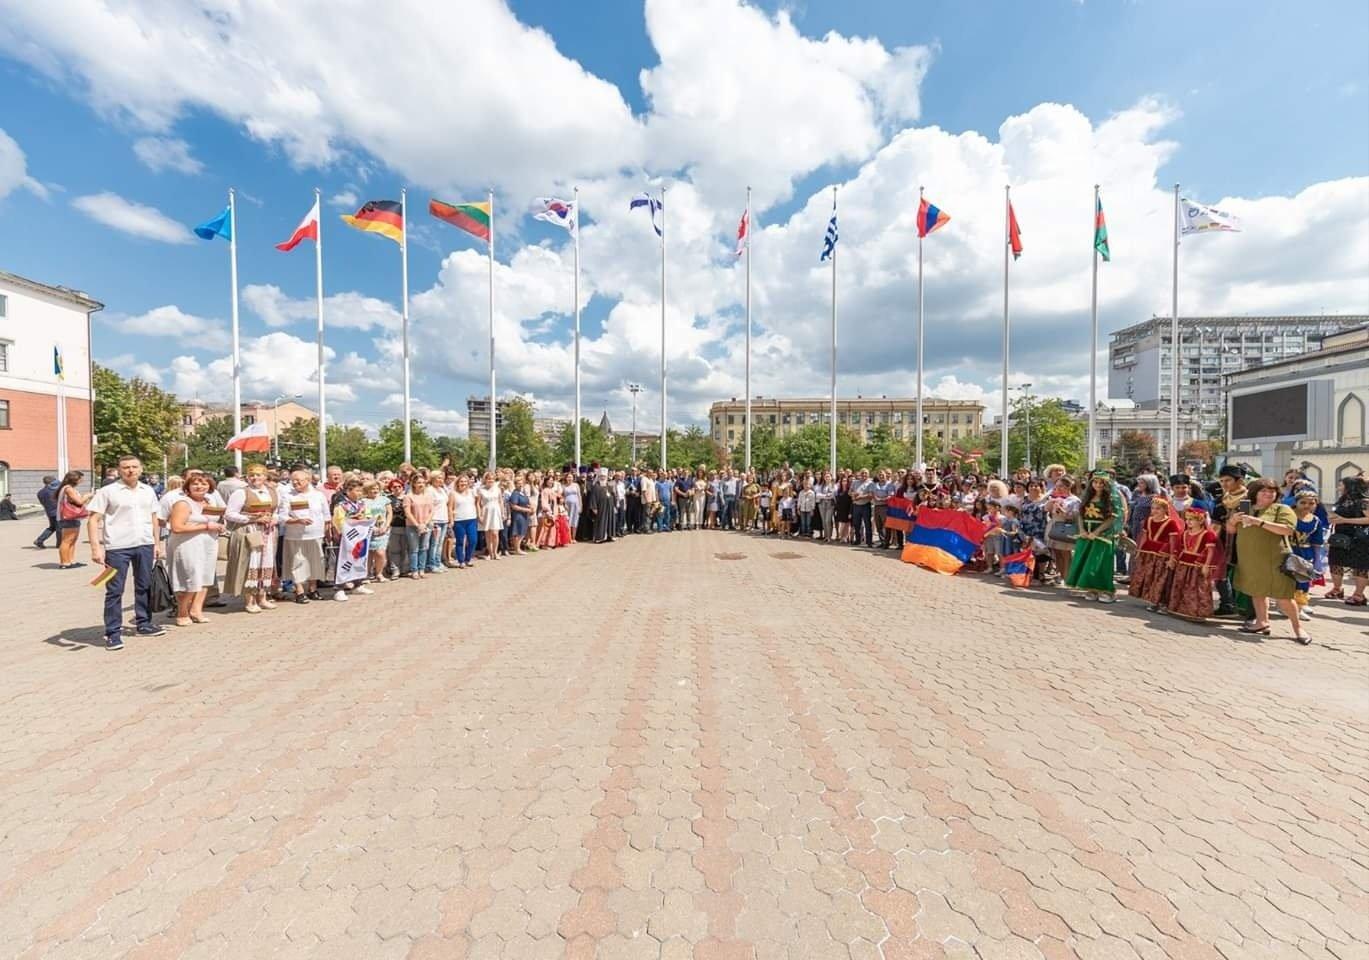 В центре Днепре открыли Аллею многонационального города, - ФОТО, фото-1